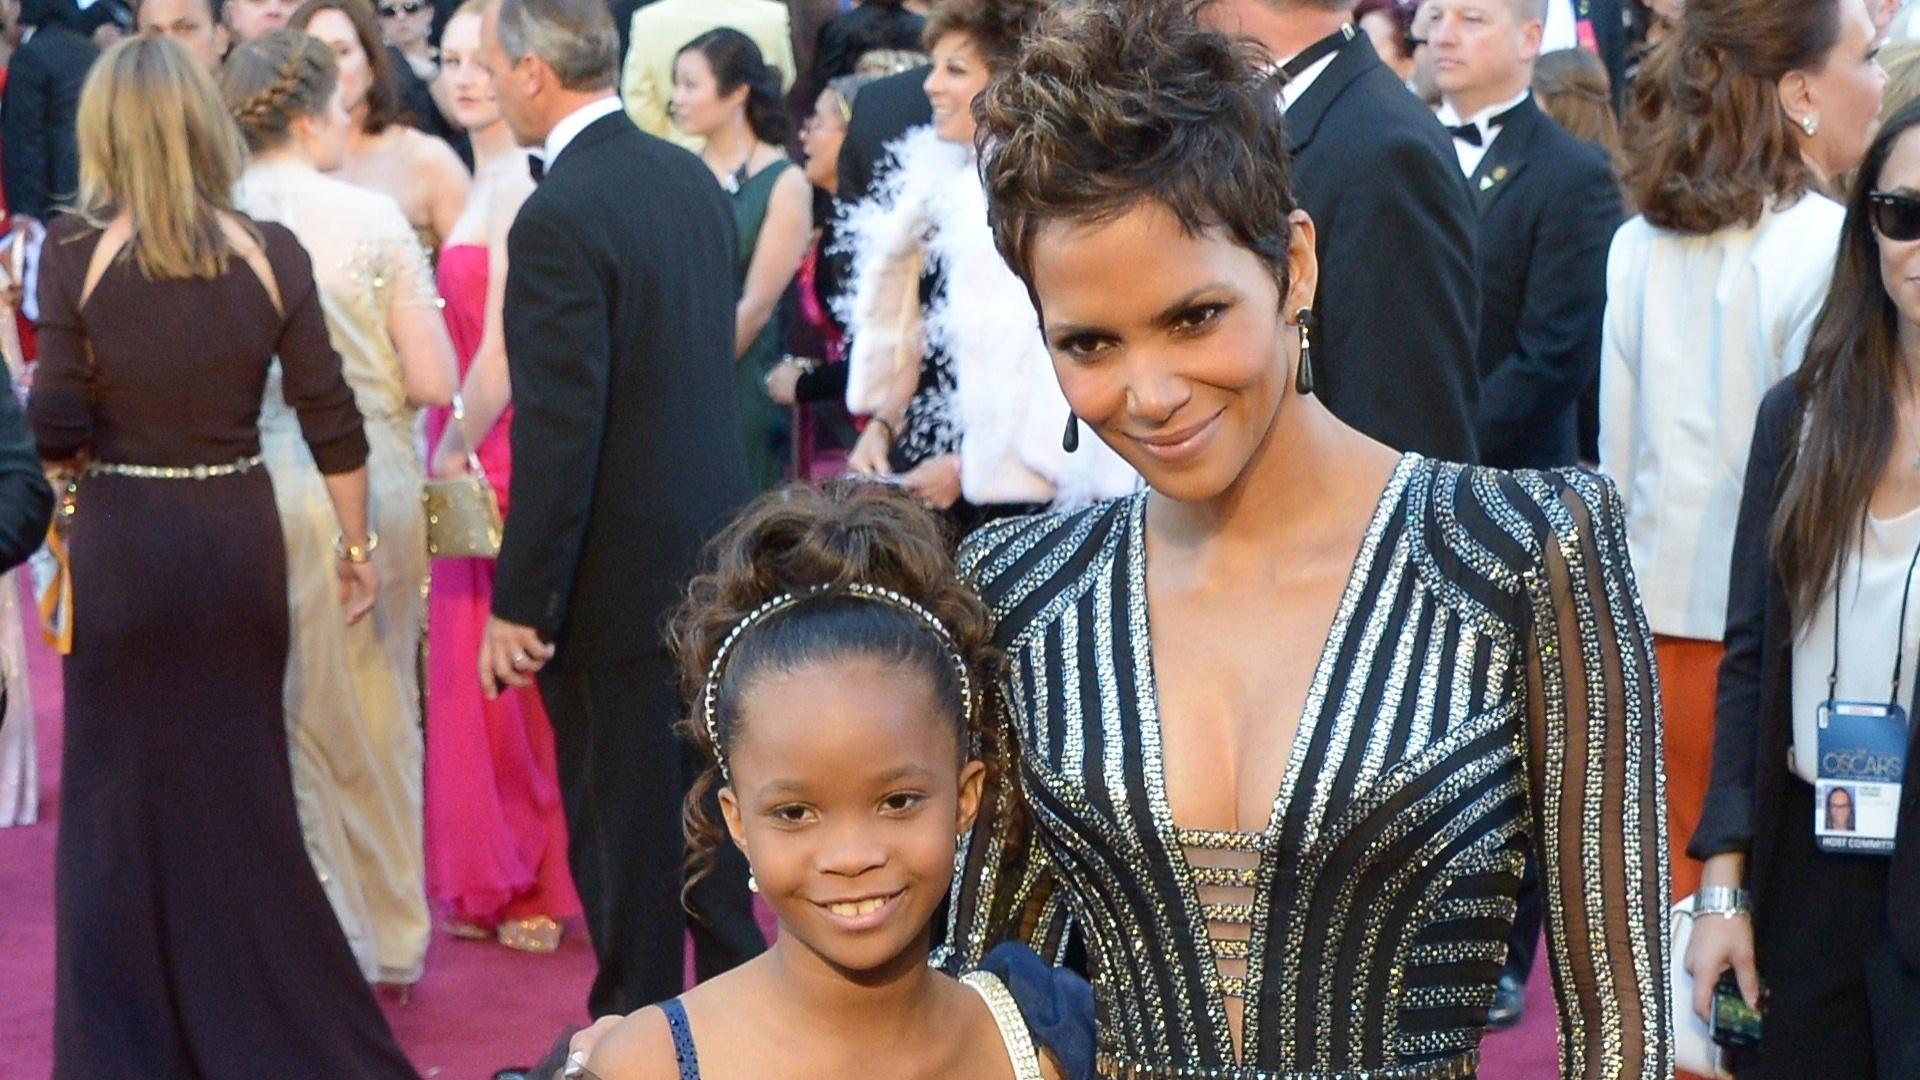 24.fev.2013 - A ganhadora do Oscar Halle Berry posa ao lado de Quvenzhané Wallis, a candidata mais jovem ao prêmio de Melhor Atriz por